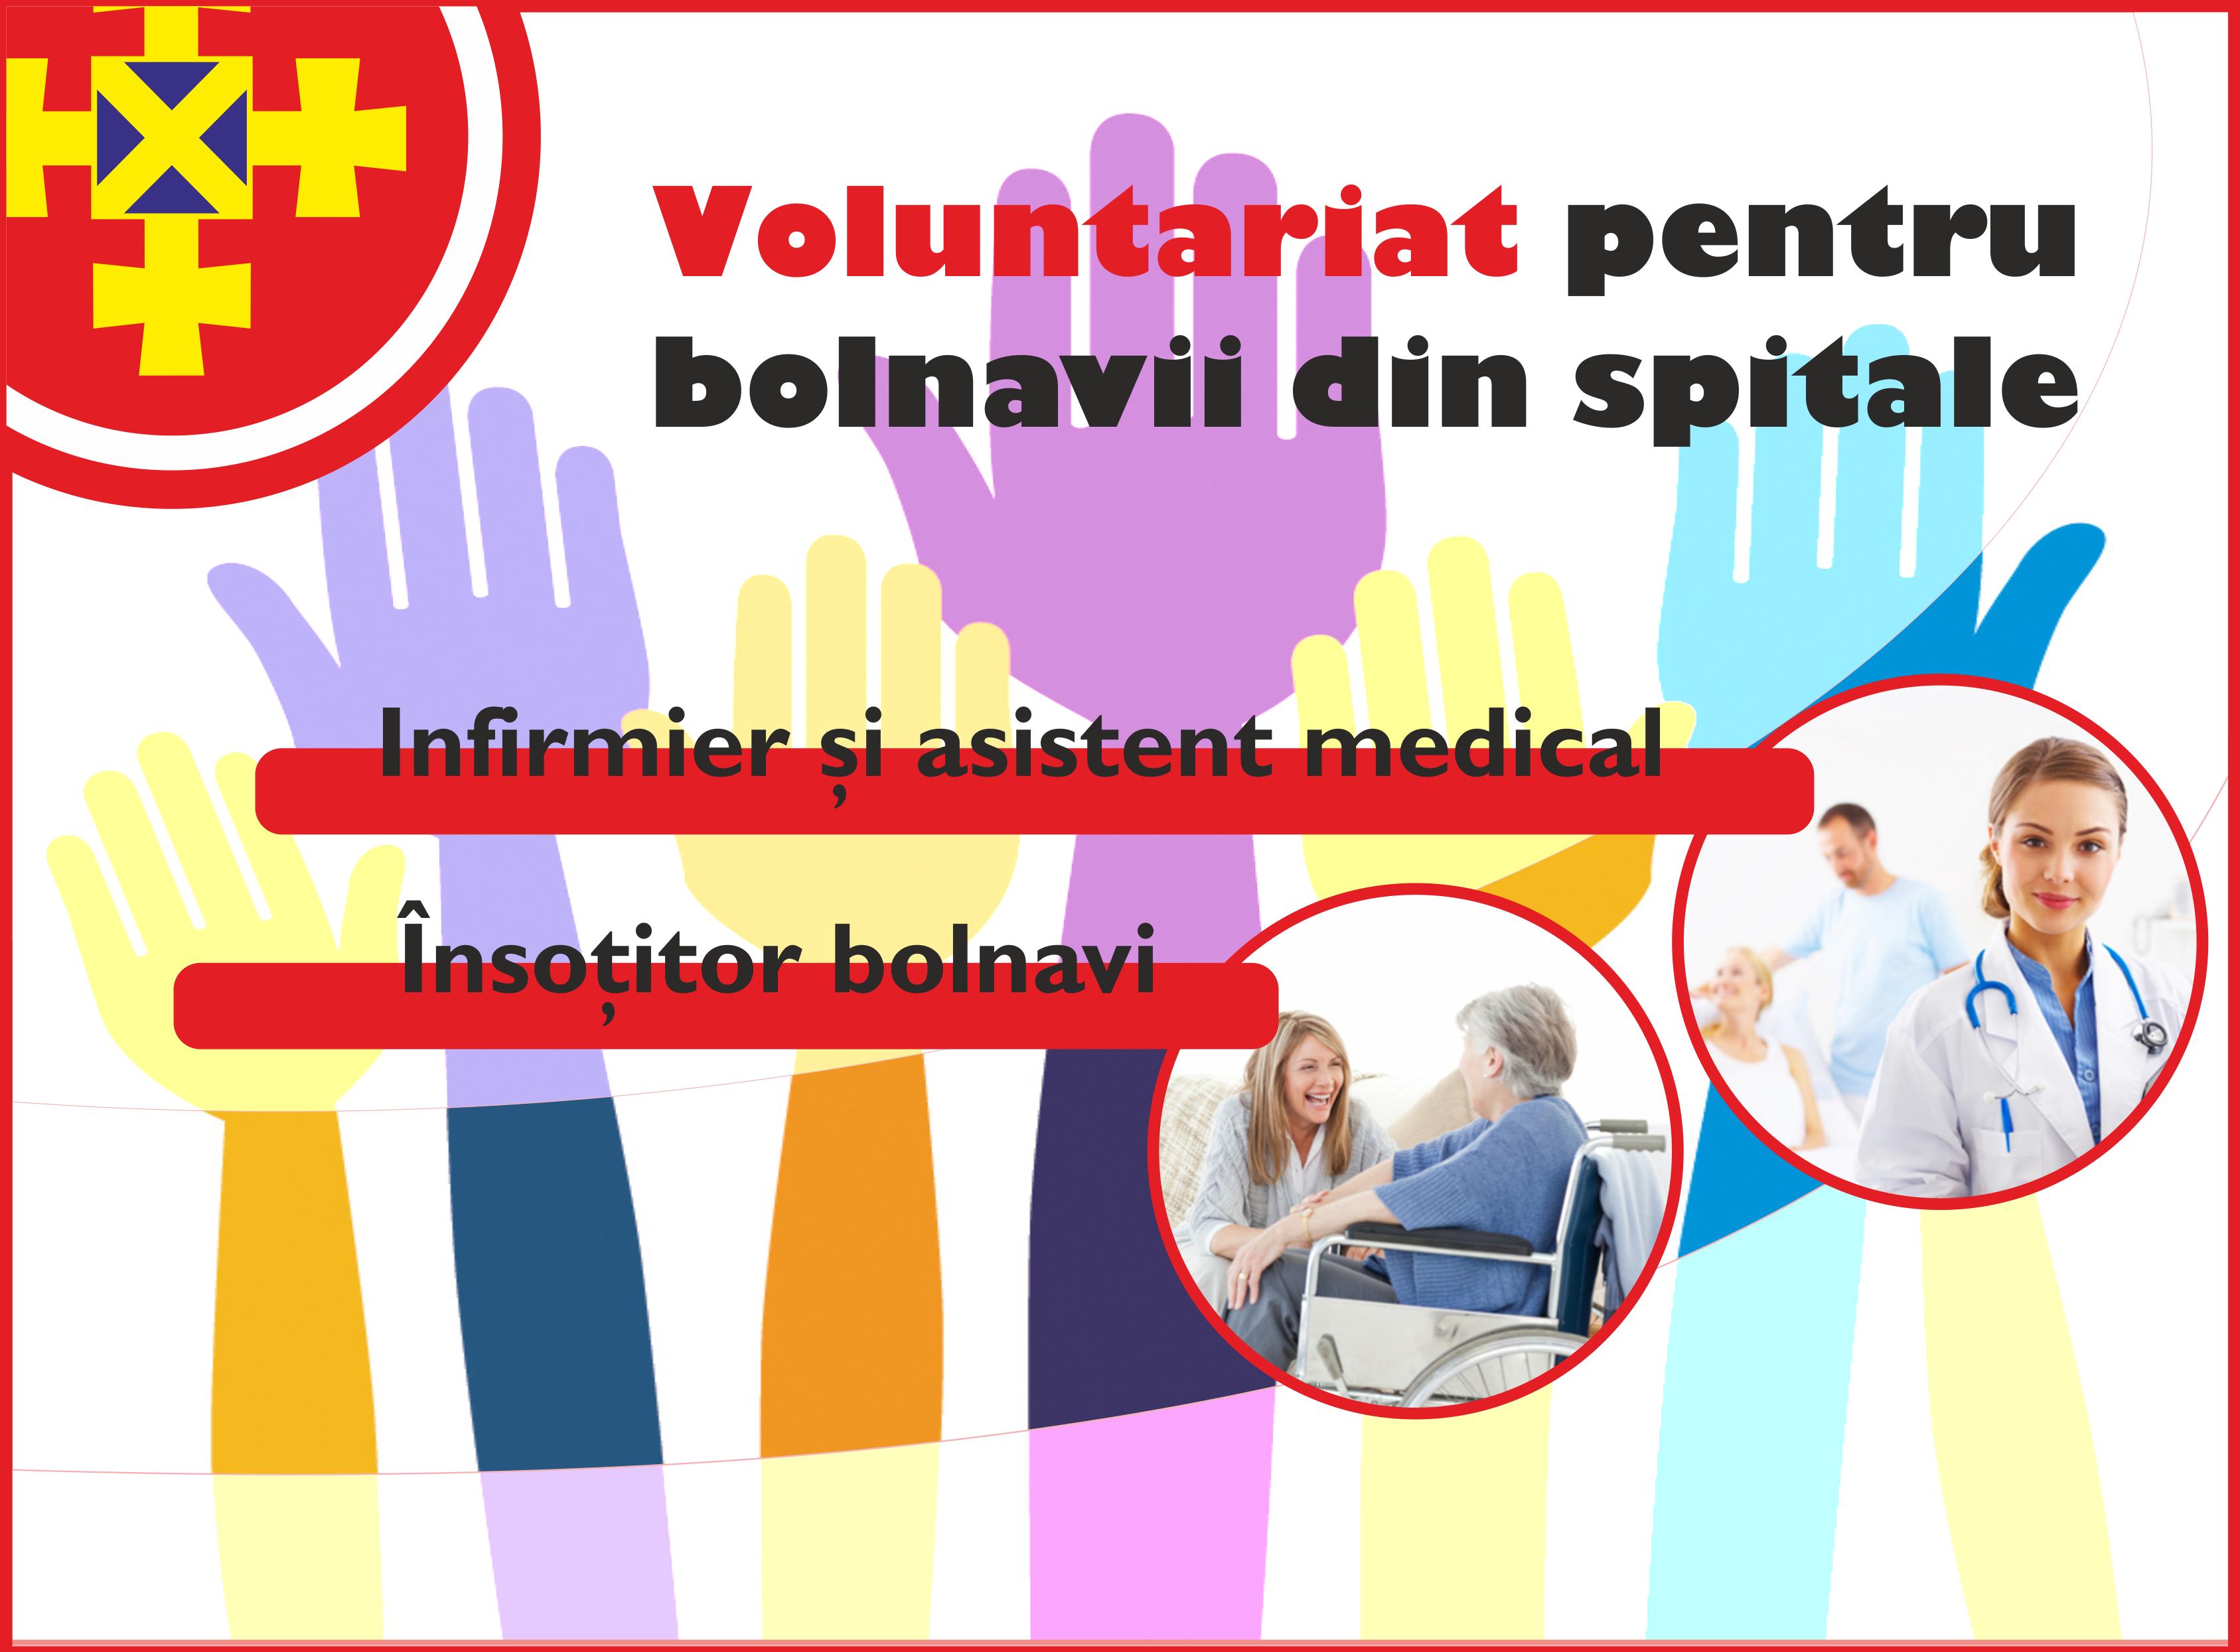 Înrolează-te ca voluntar pentru bolnavi